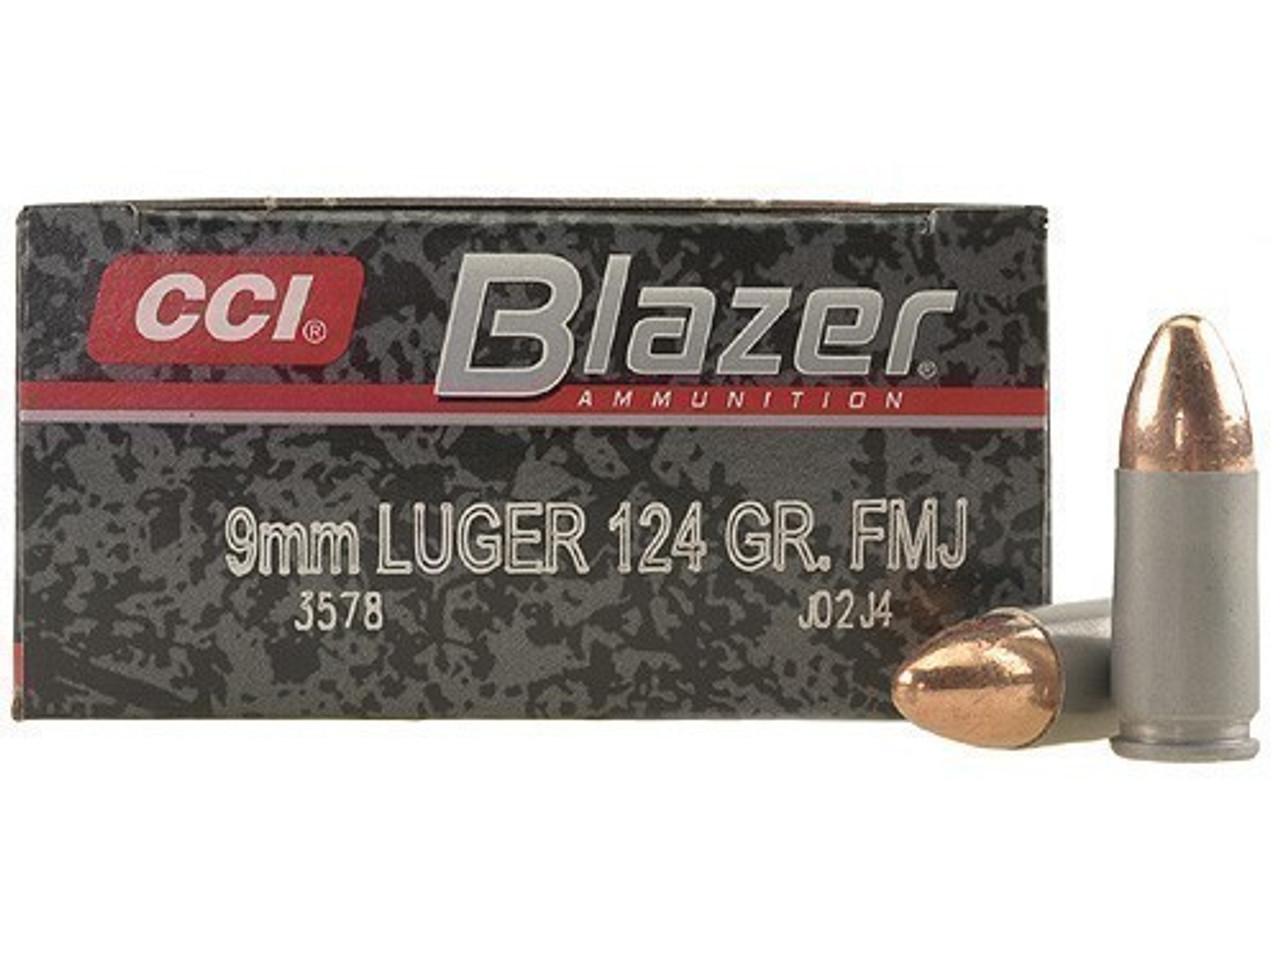 CCI Blazer Aluminum Case 9mm Luger 124gr FMJ Case of 1000